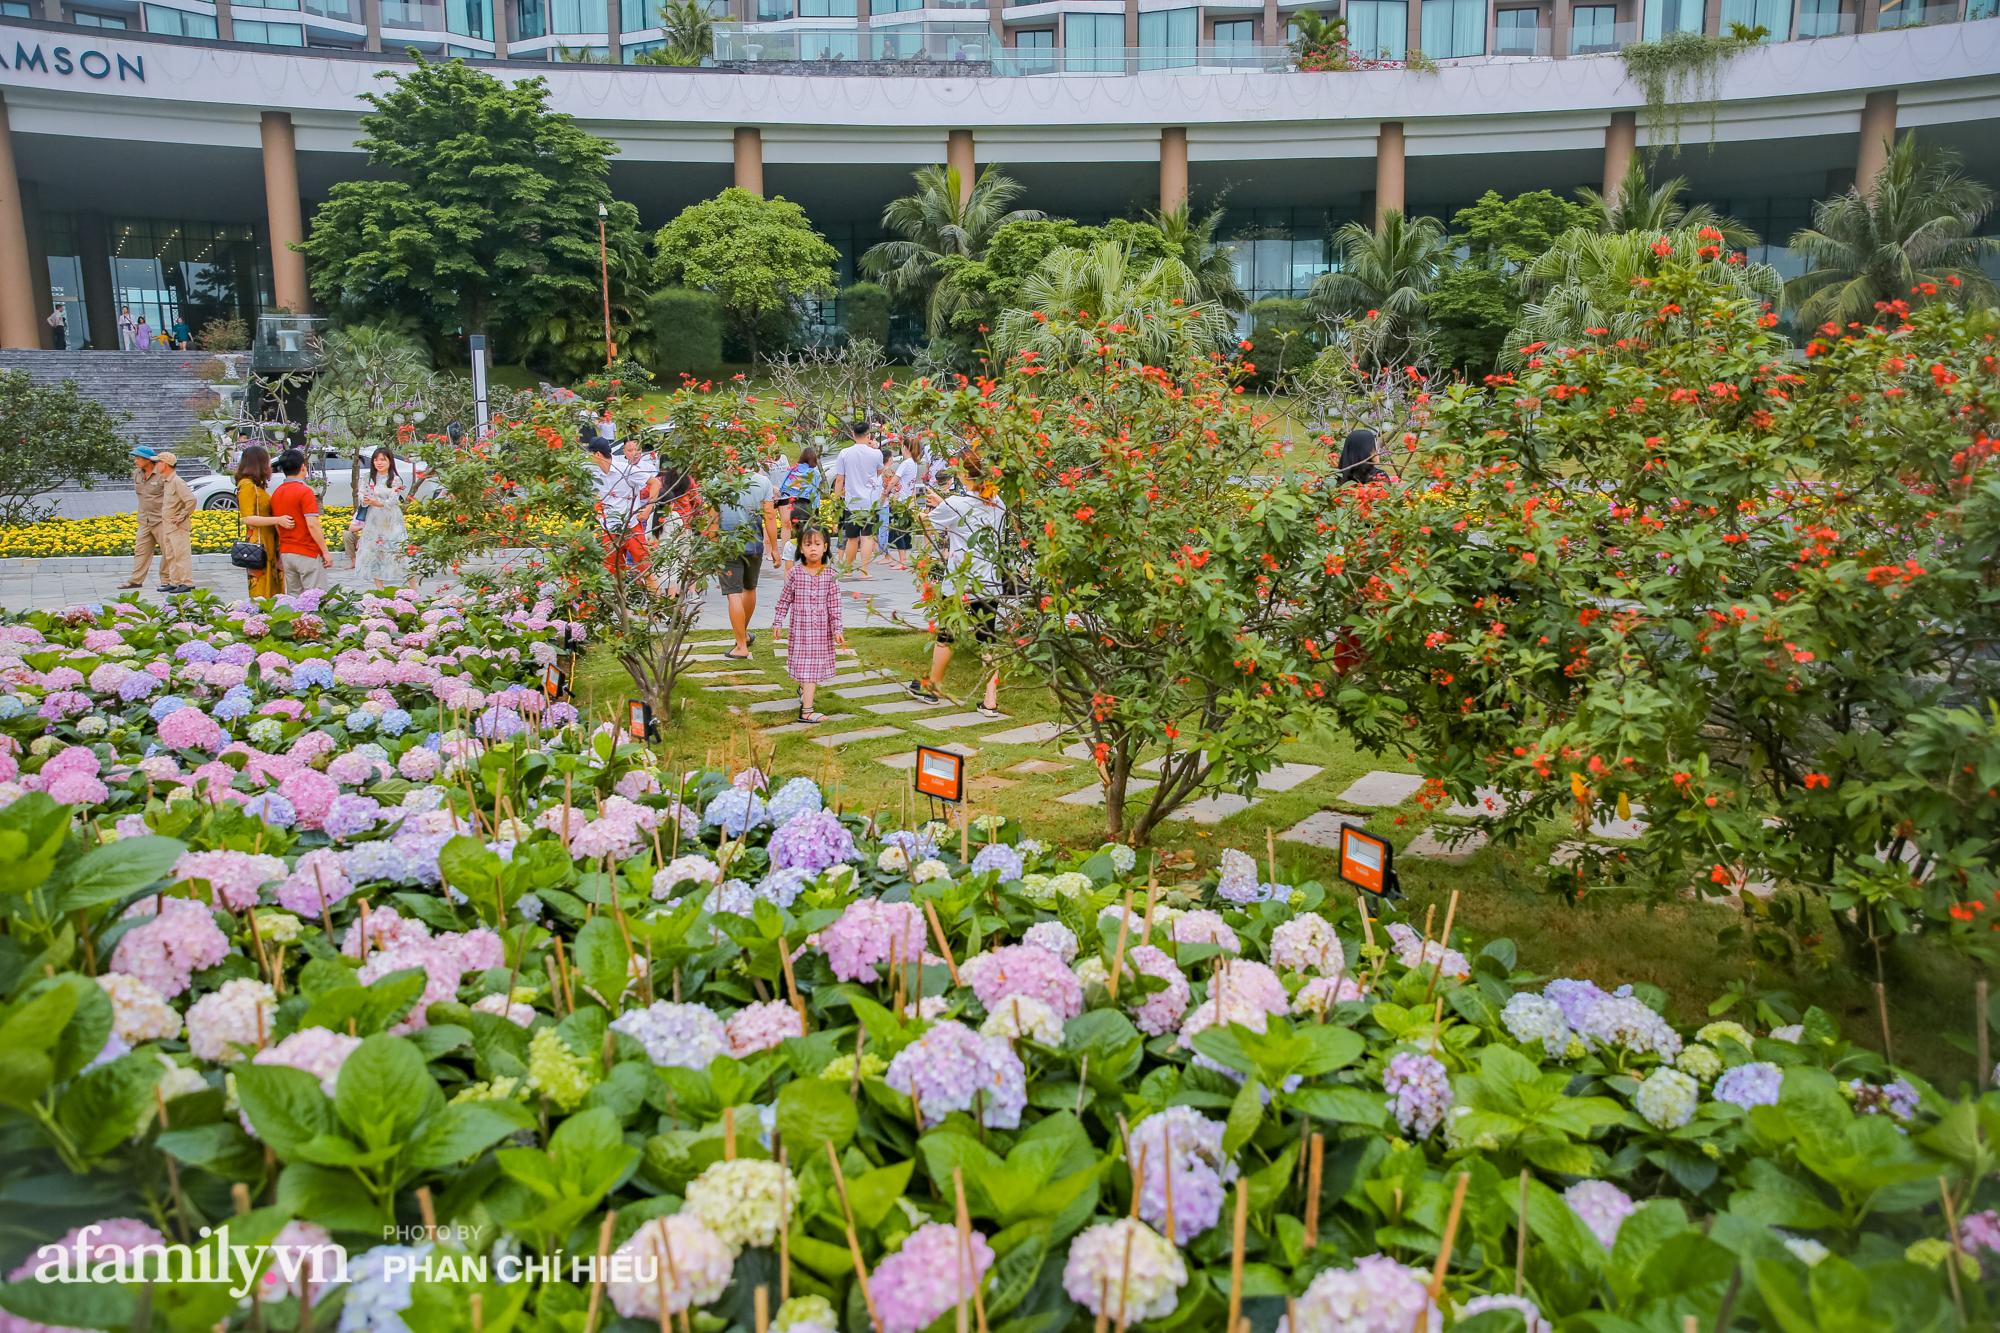 Vườn hoa cẩm tú cầu 'siêu to khổng lồ' ở Sầm Sơn hút hàng nghìn người tìm tới chụp ảnh vào cuối tuần, dù chưa Tết nhưng vẫn được chiêm ngưỡng pháo hoa bắn ngợp trời - 8